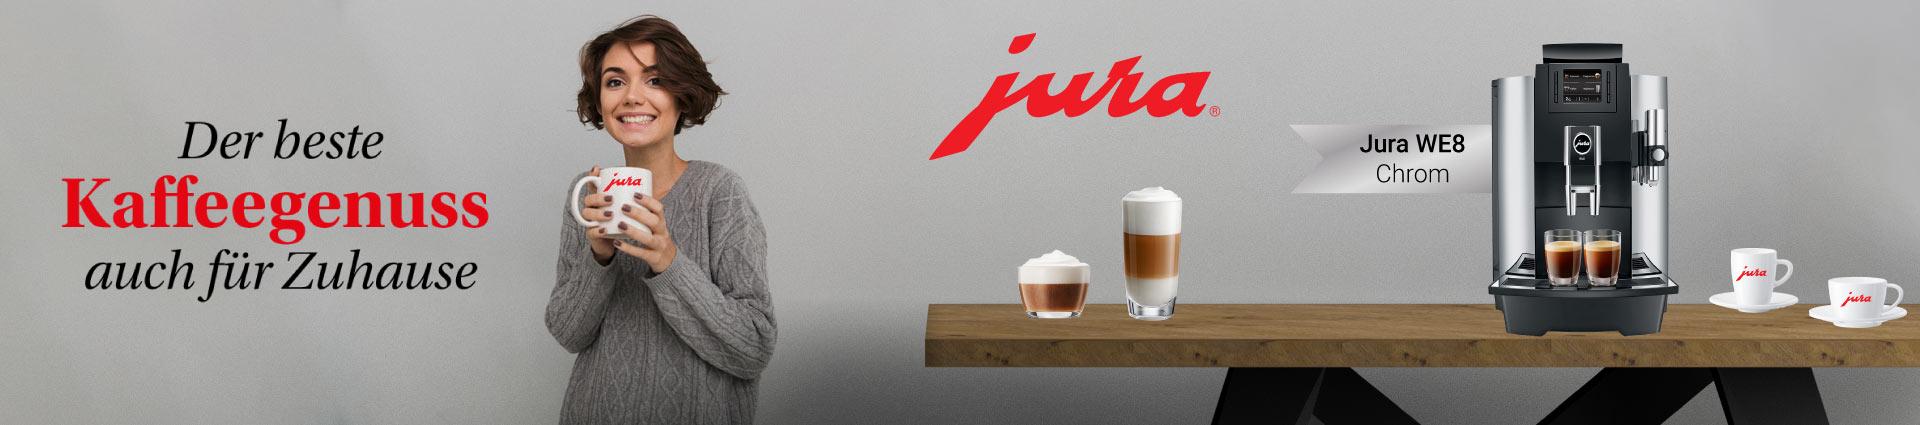 Jura WE8 Chrom - Der beste Kaffeegenuss auch für Zuhause